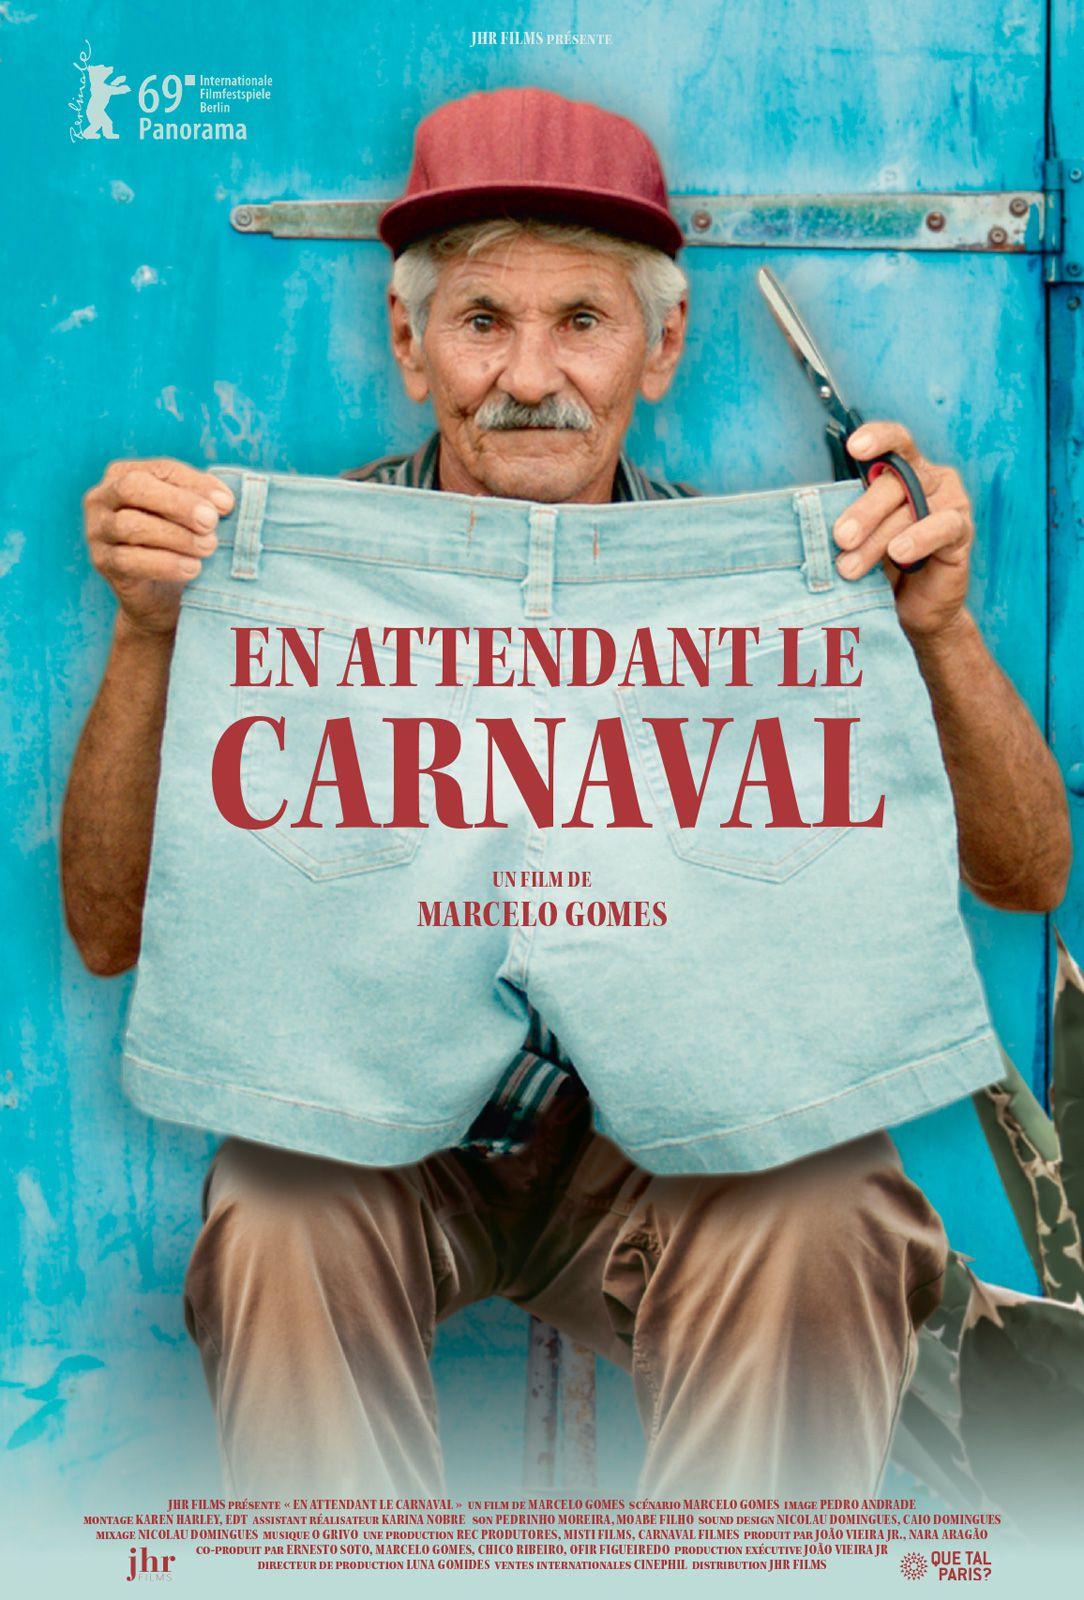 En attendant le carnaval - Documentaire (2020)